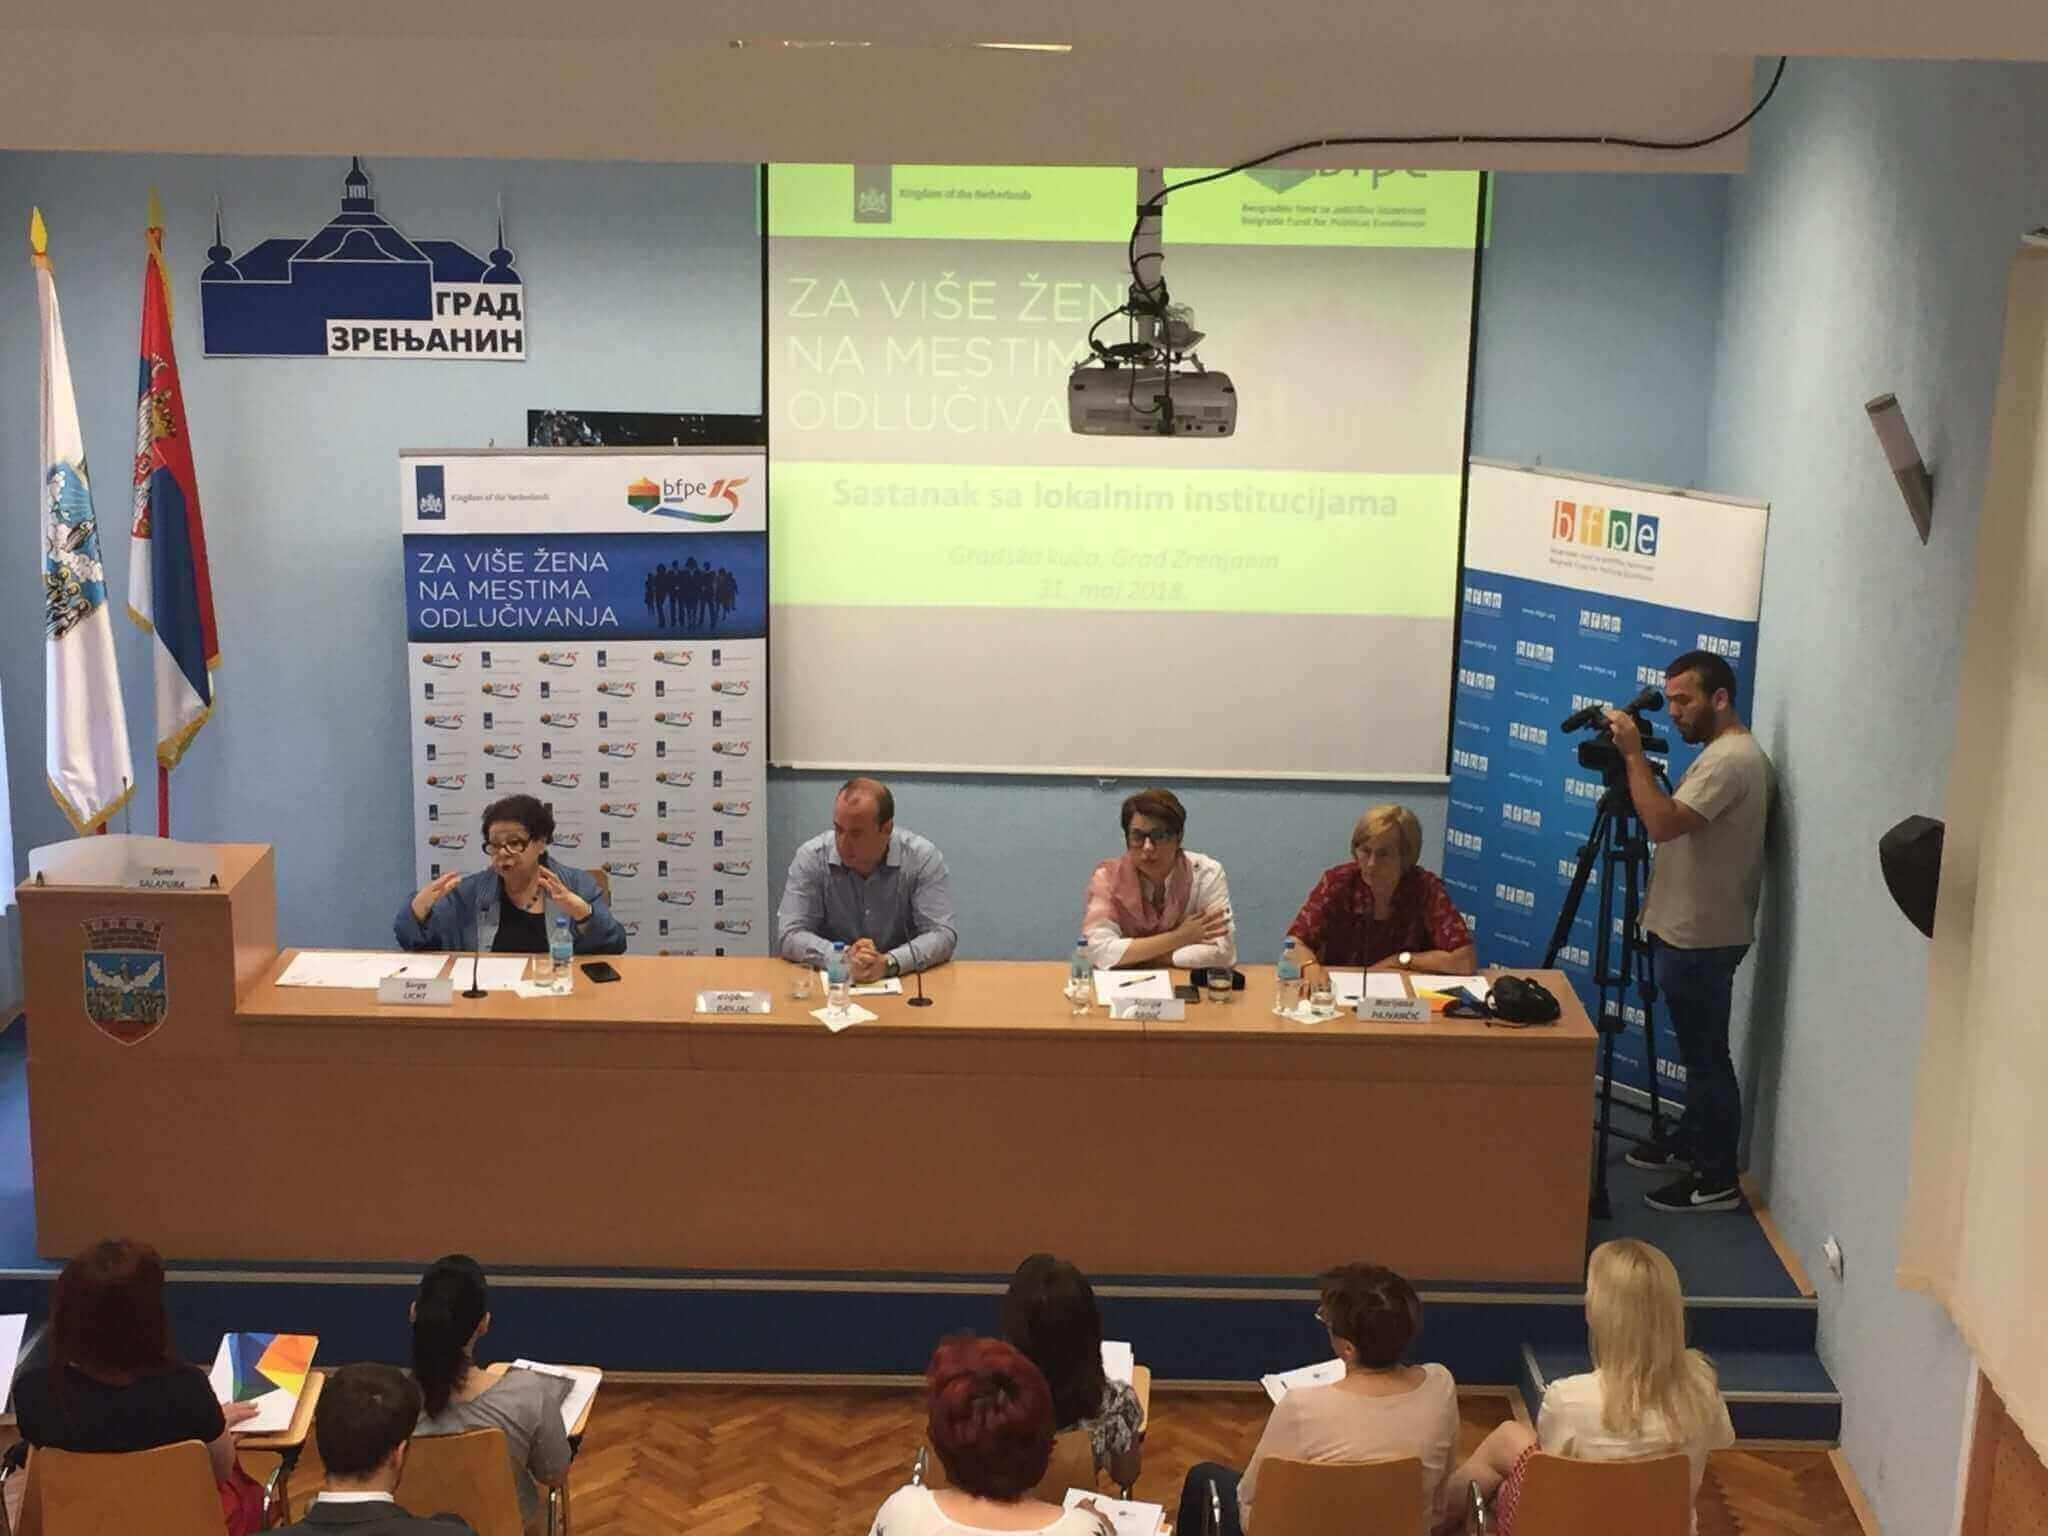 """Organizovana dva okrugla stola u Zrenjaninu, u okviru inicijative """"Za više žena na mestima odlučivanja"""""""